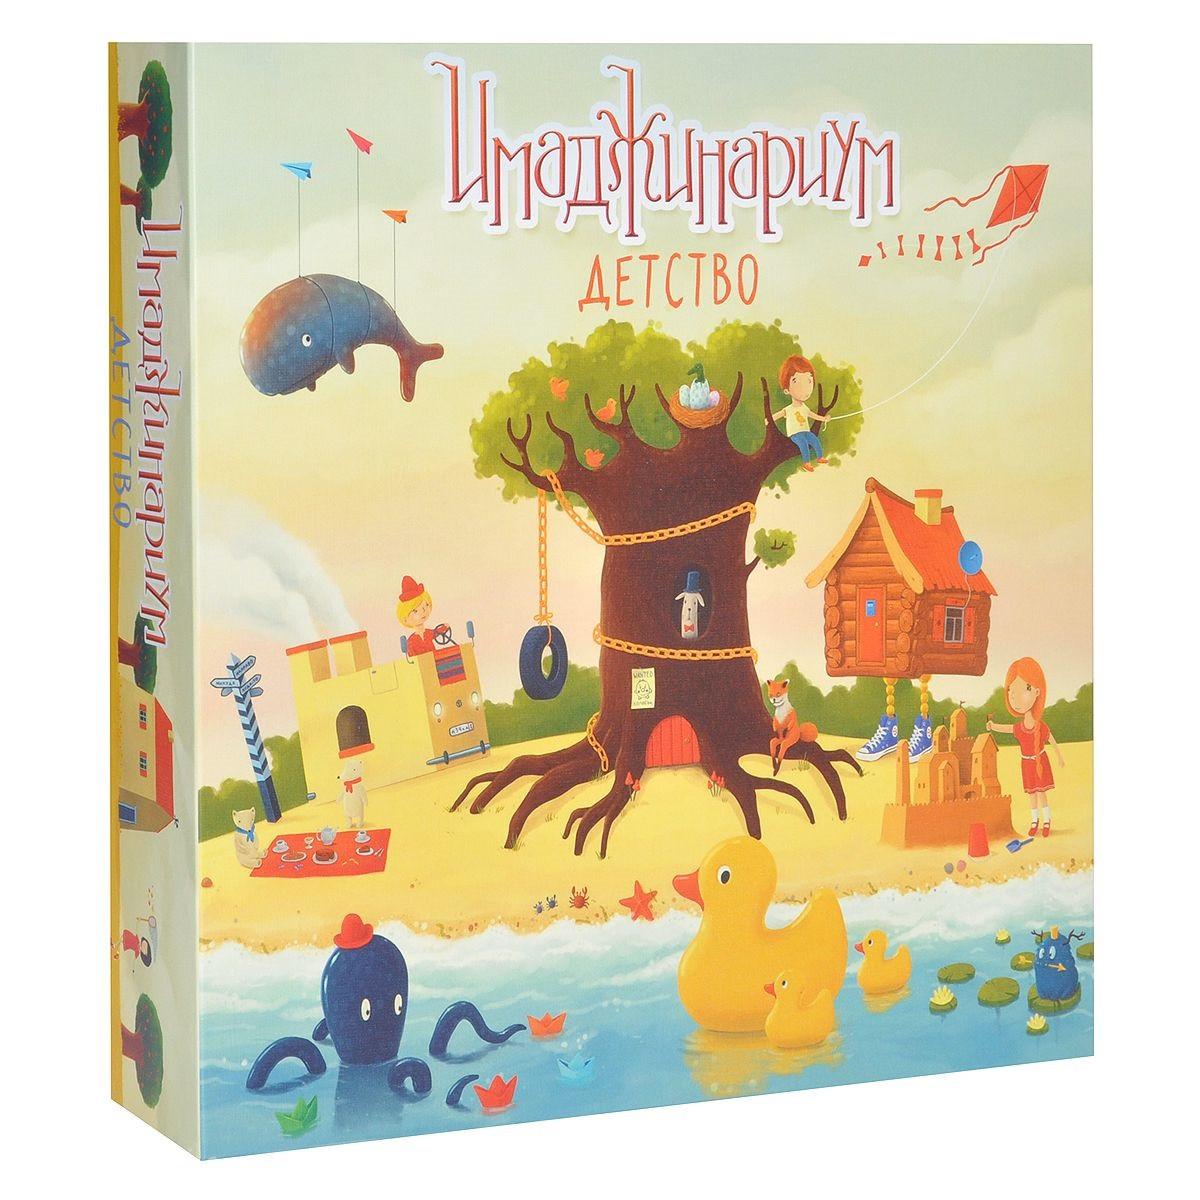 Настольная игра Cosmodrome Games Имаджинариум Детство (12674)